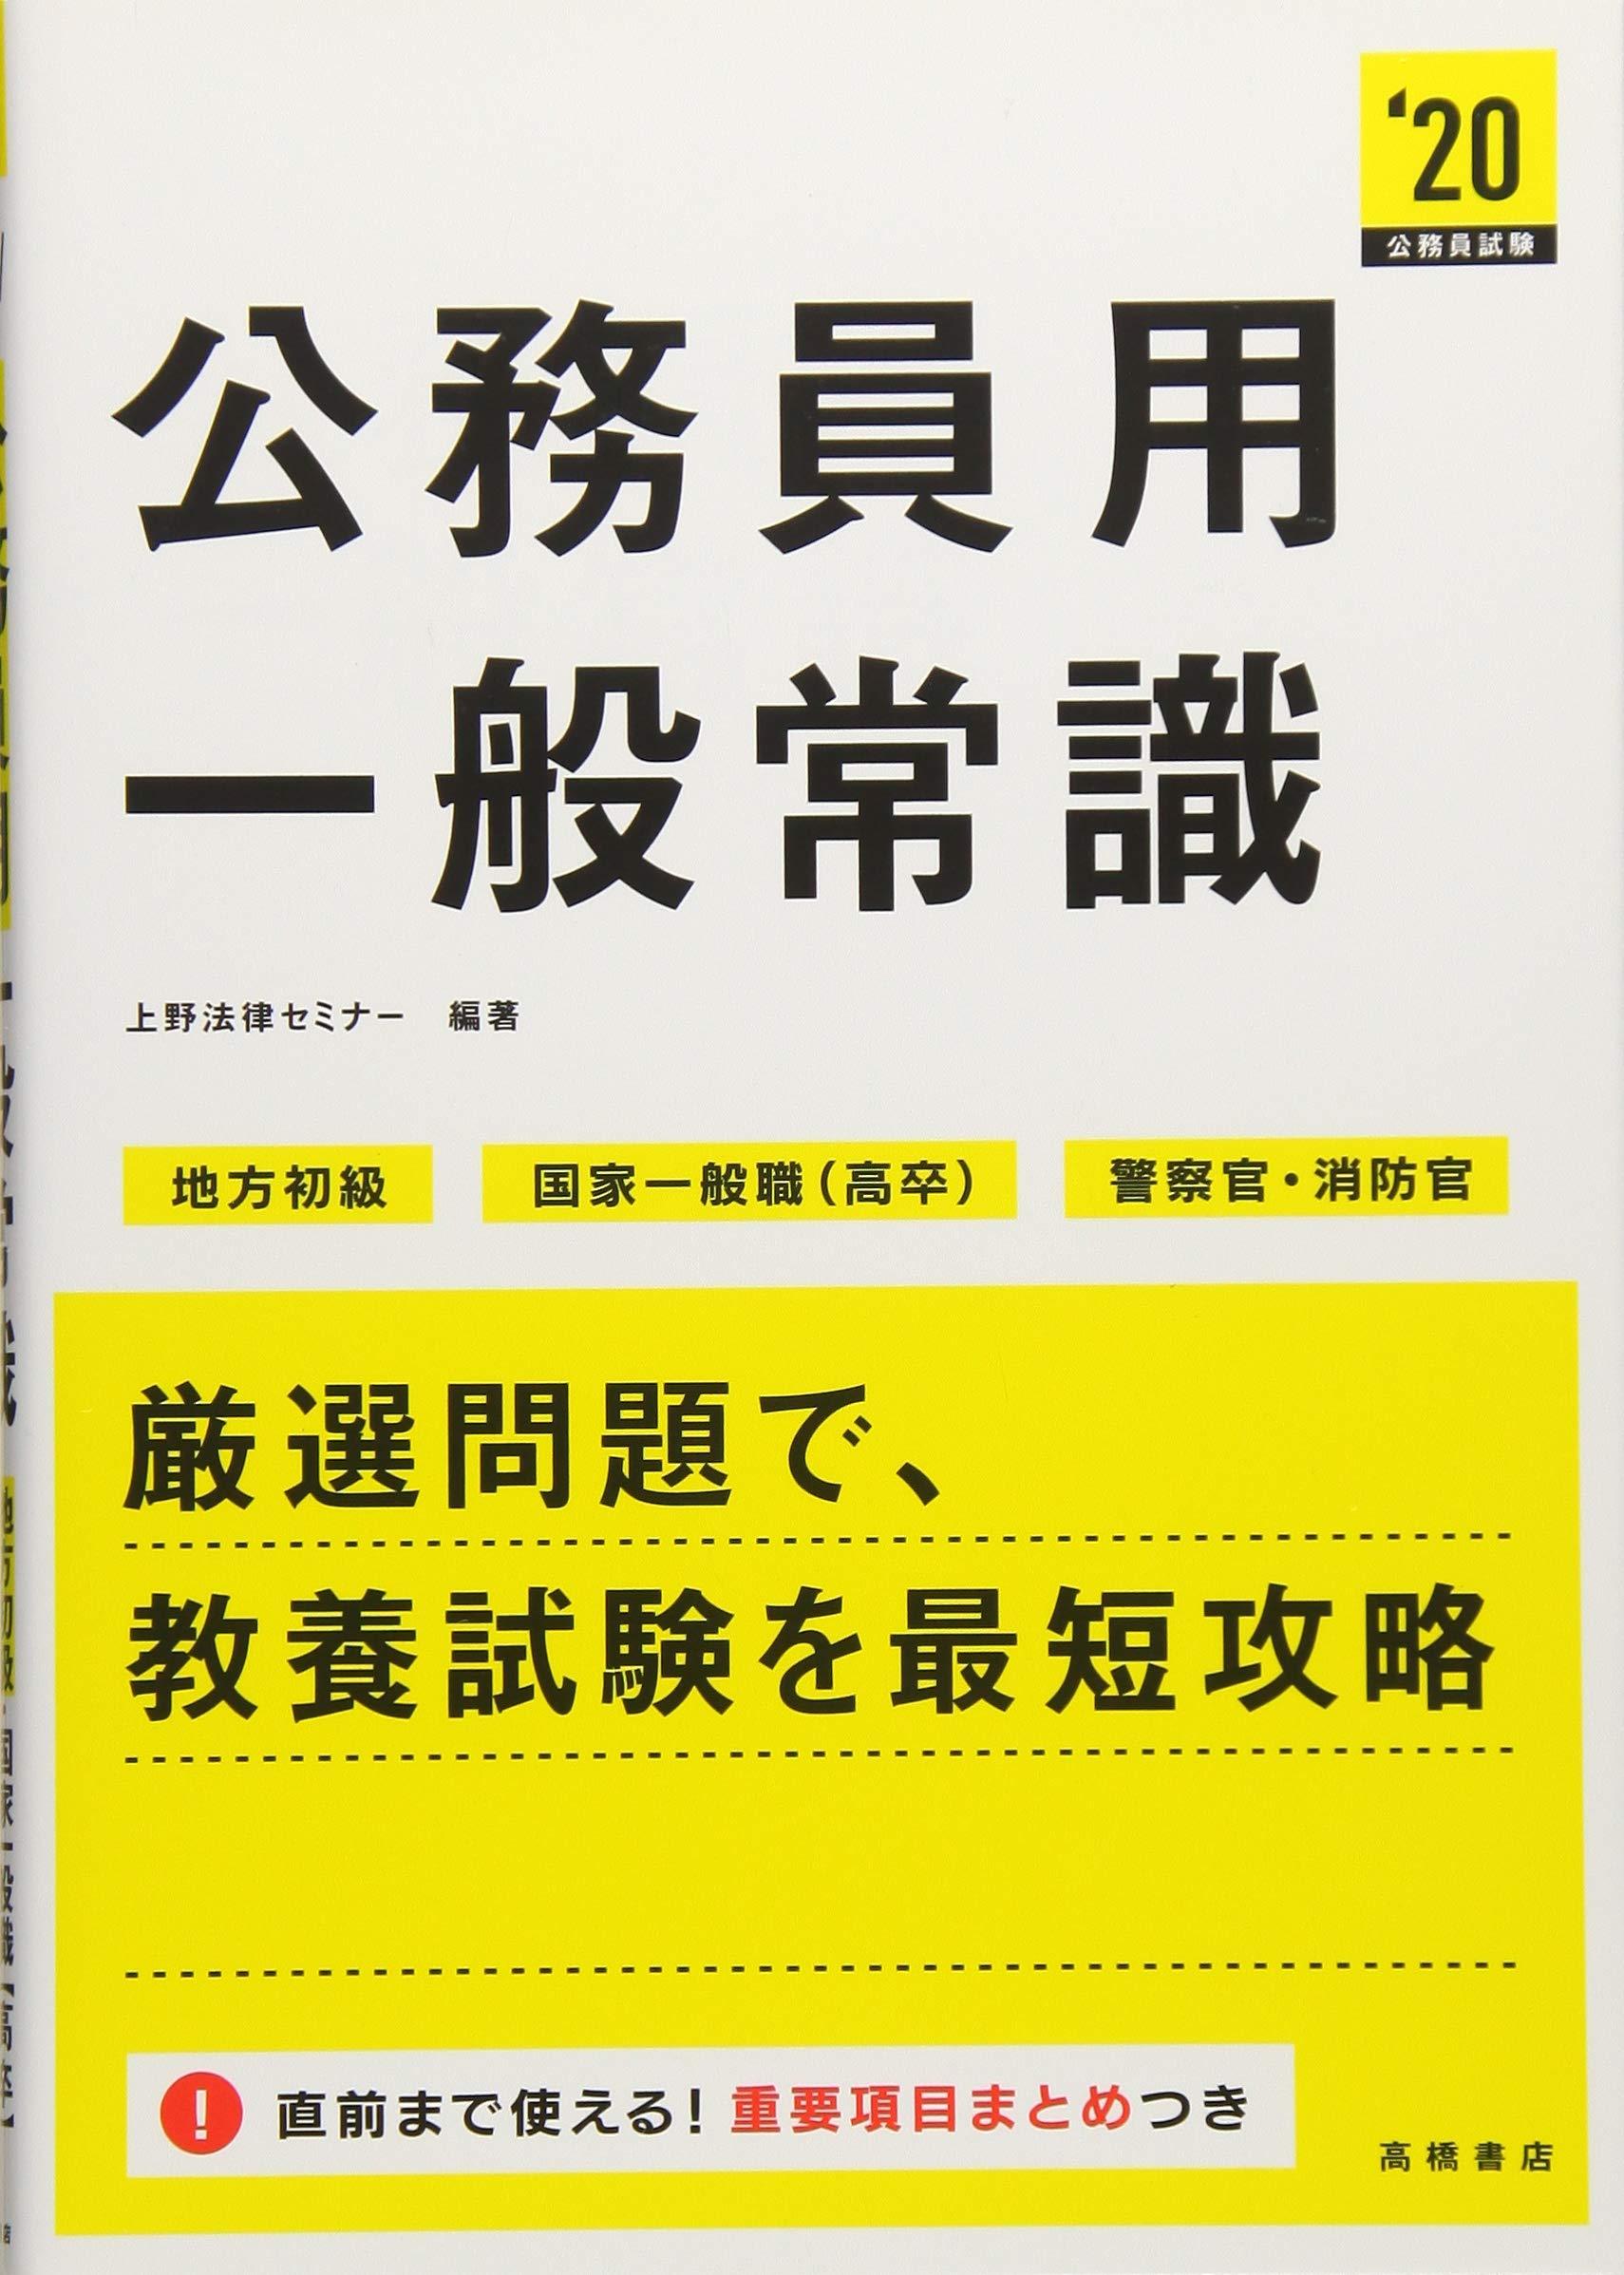 公務員用 一般常識 2020年度 (高橋の公務員シリーズ) | 上野法律 ...